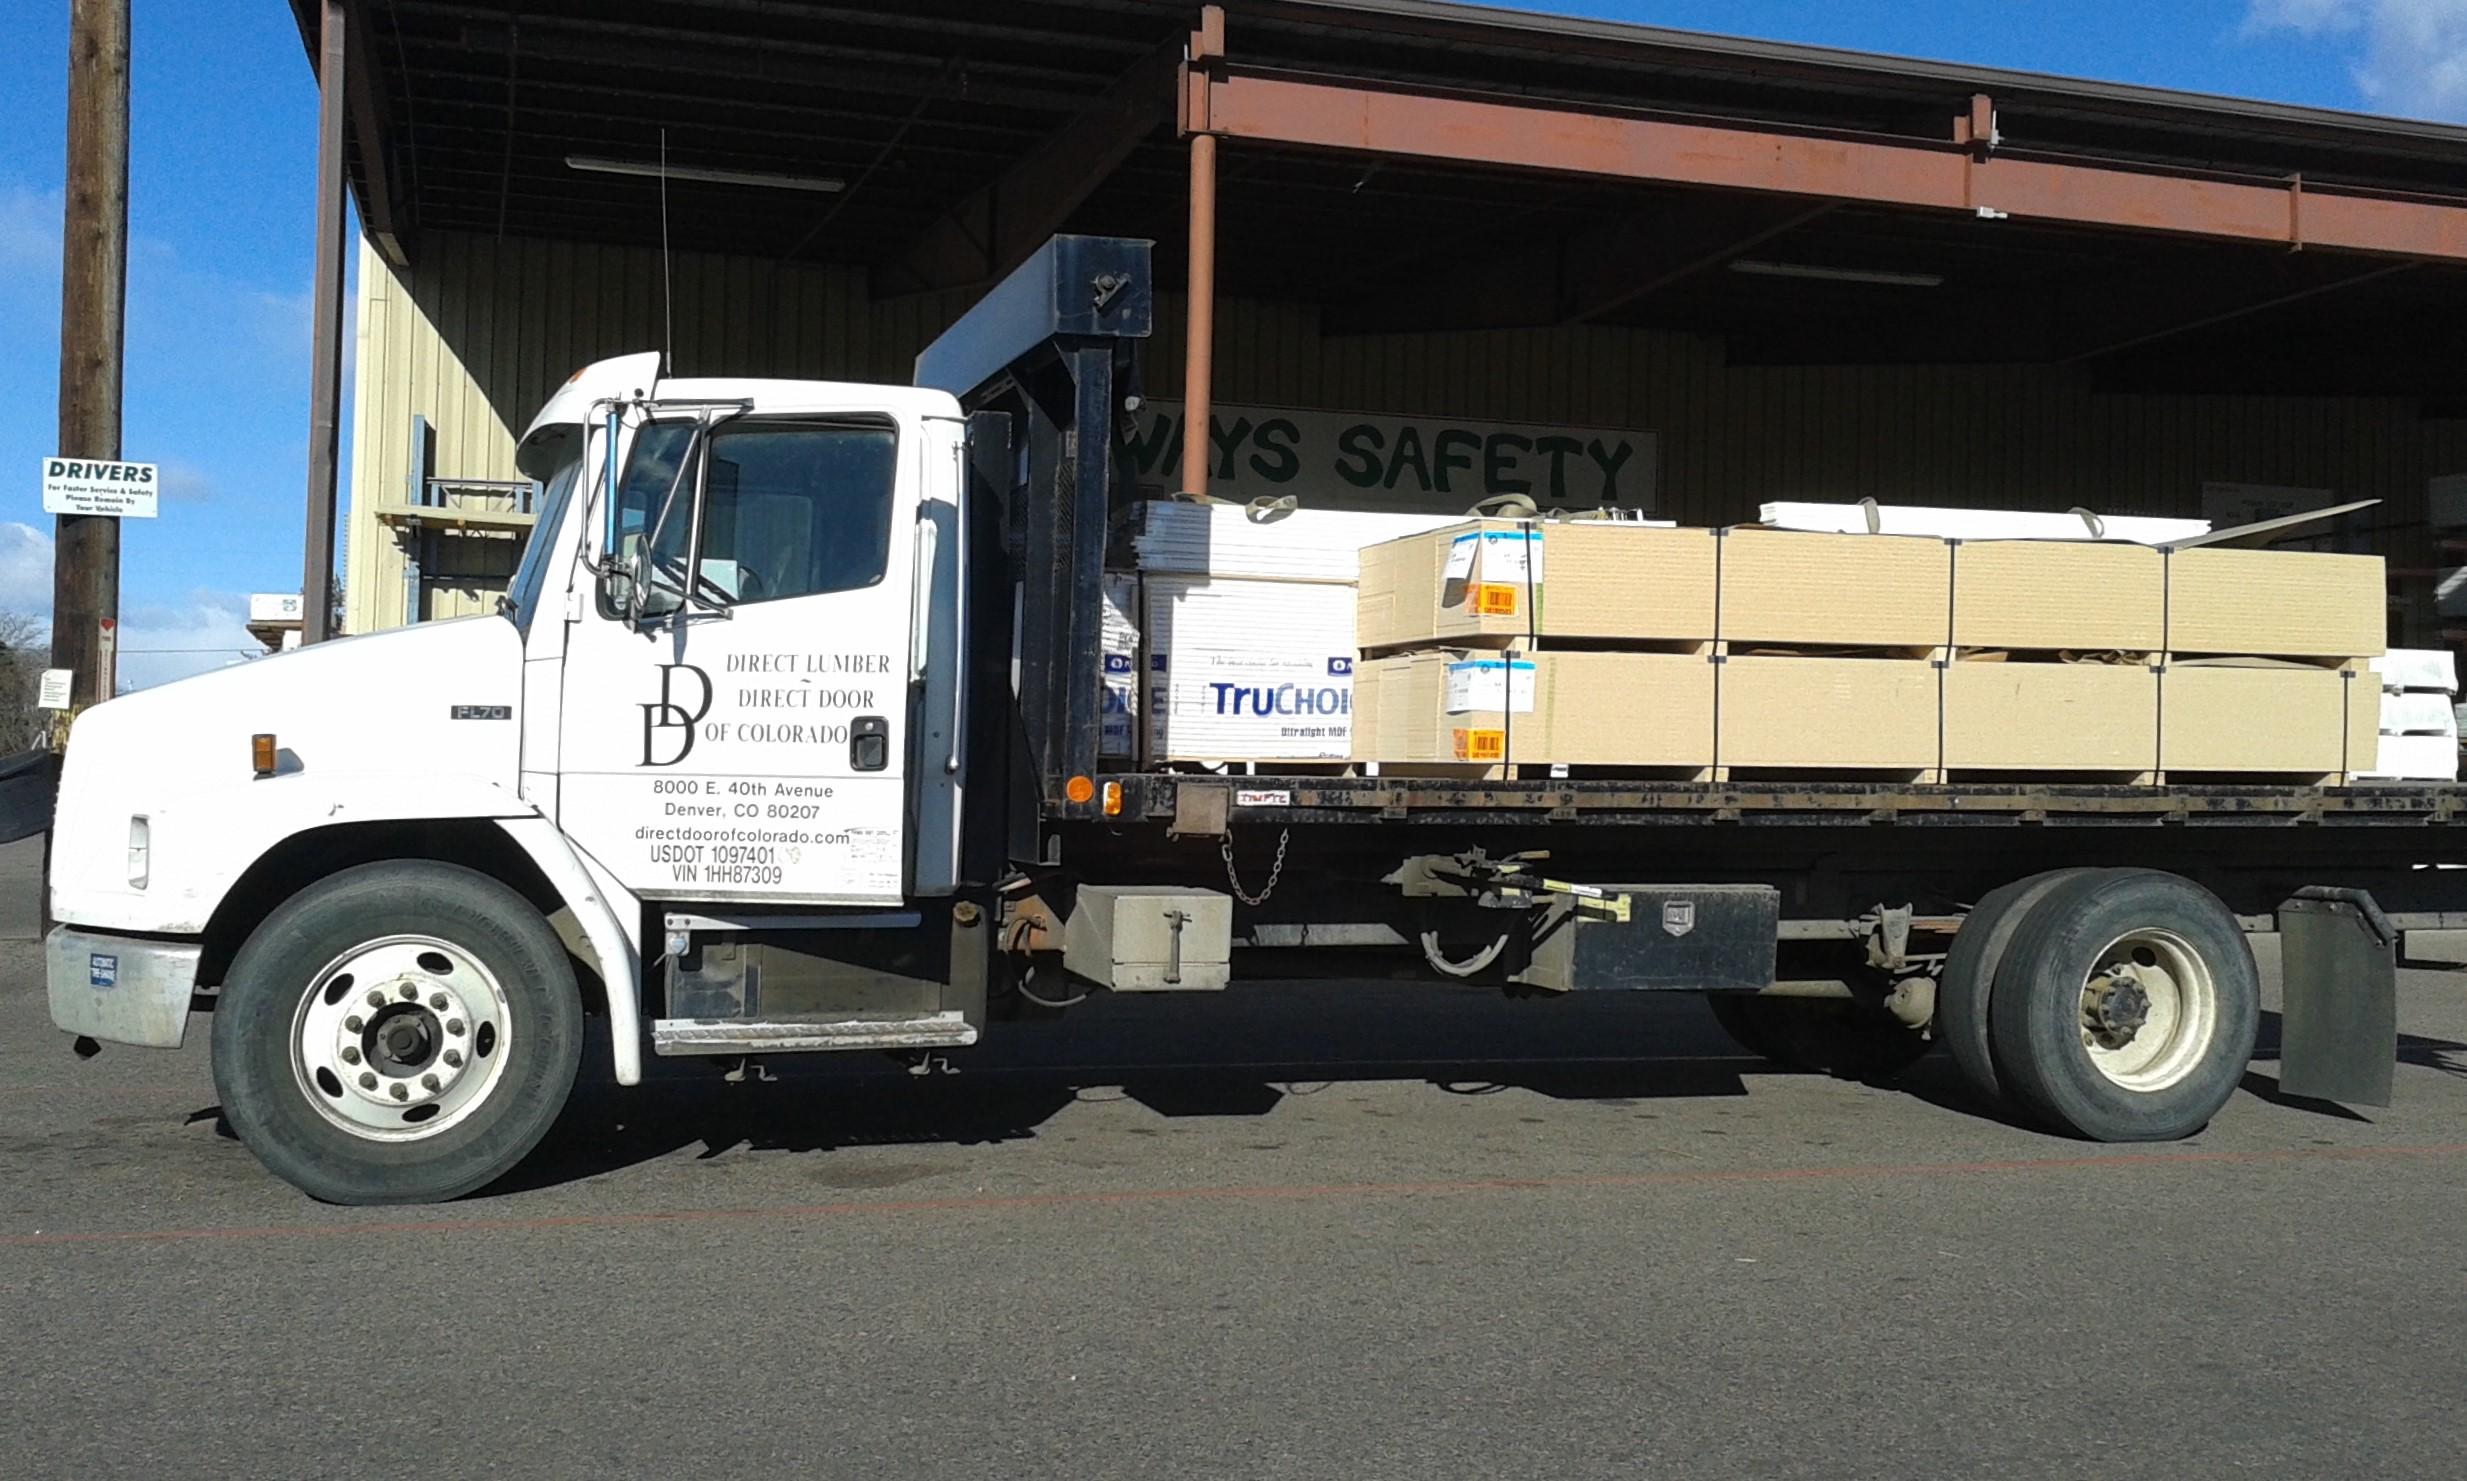 PETERBILT Trucks #04 -- Peterbilt's pulling Super B's, 53' Refers ...